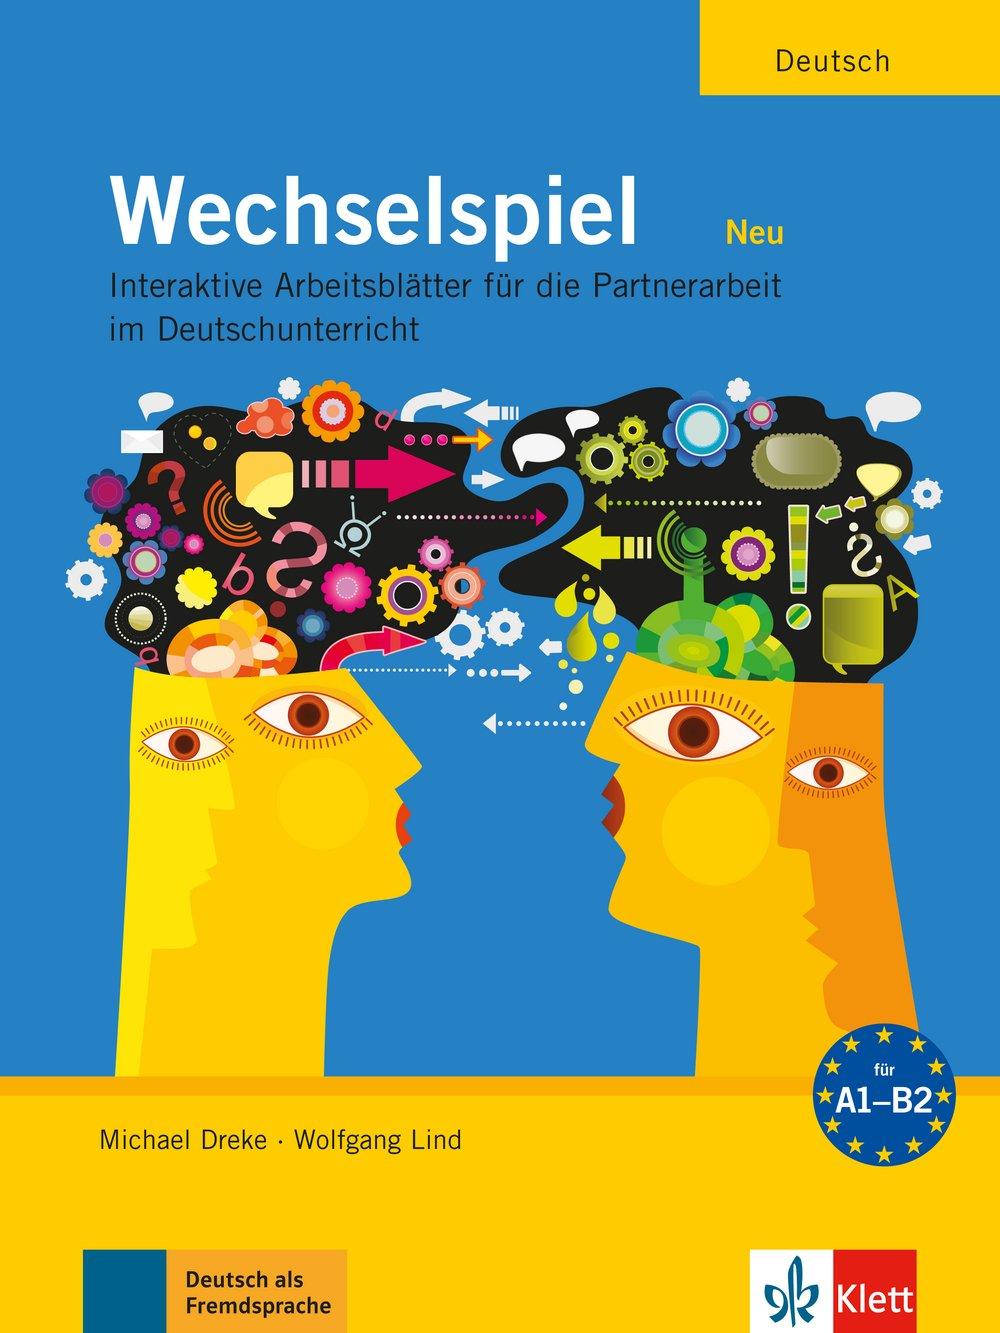 Wechselspiel NEU - Interaktive Arbeitsblätter für die Partnerarbeit ...